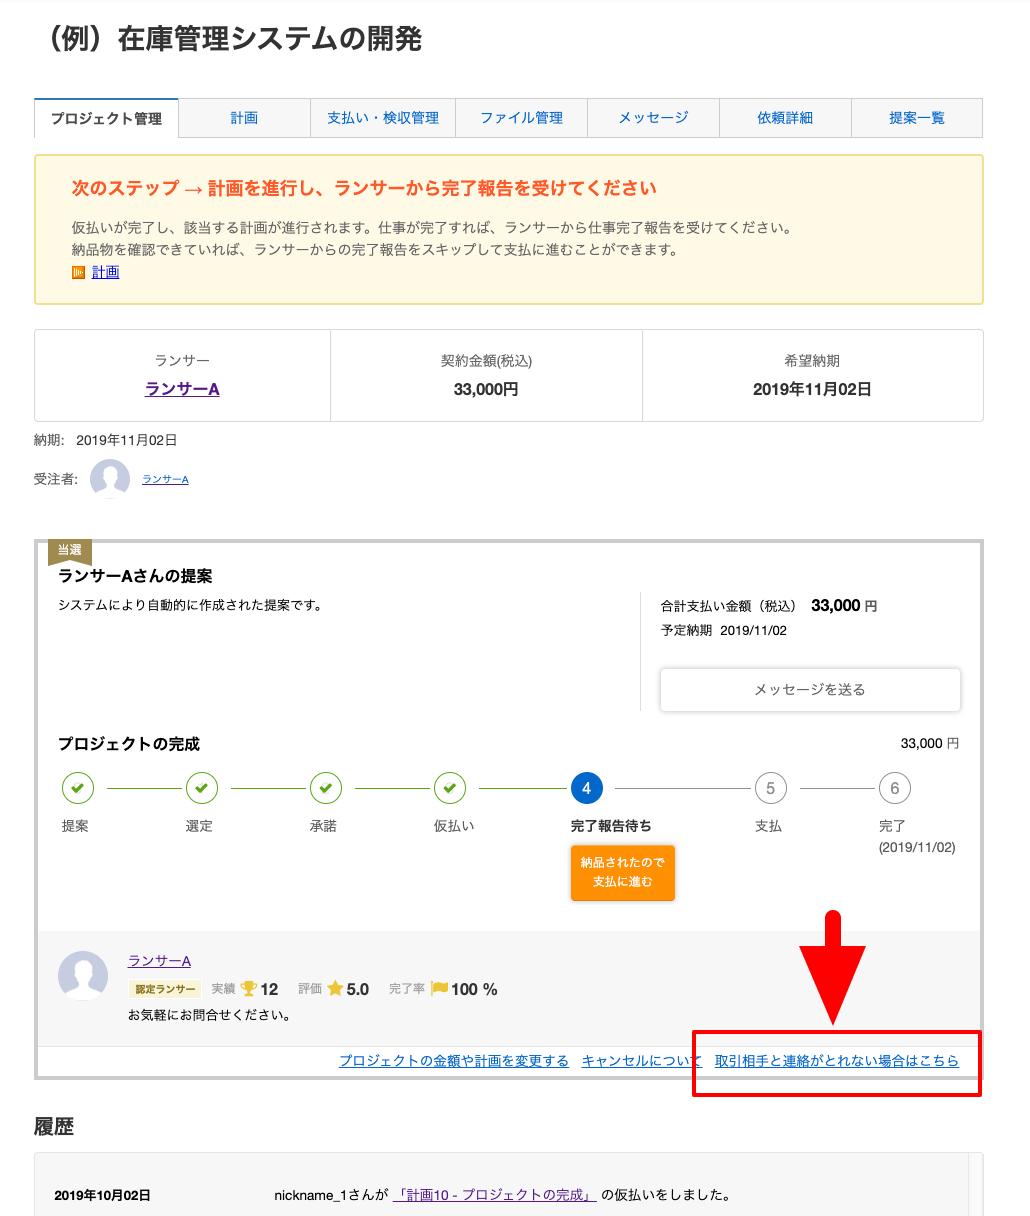 連絡催促申請画面